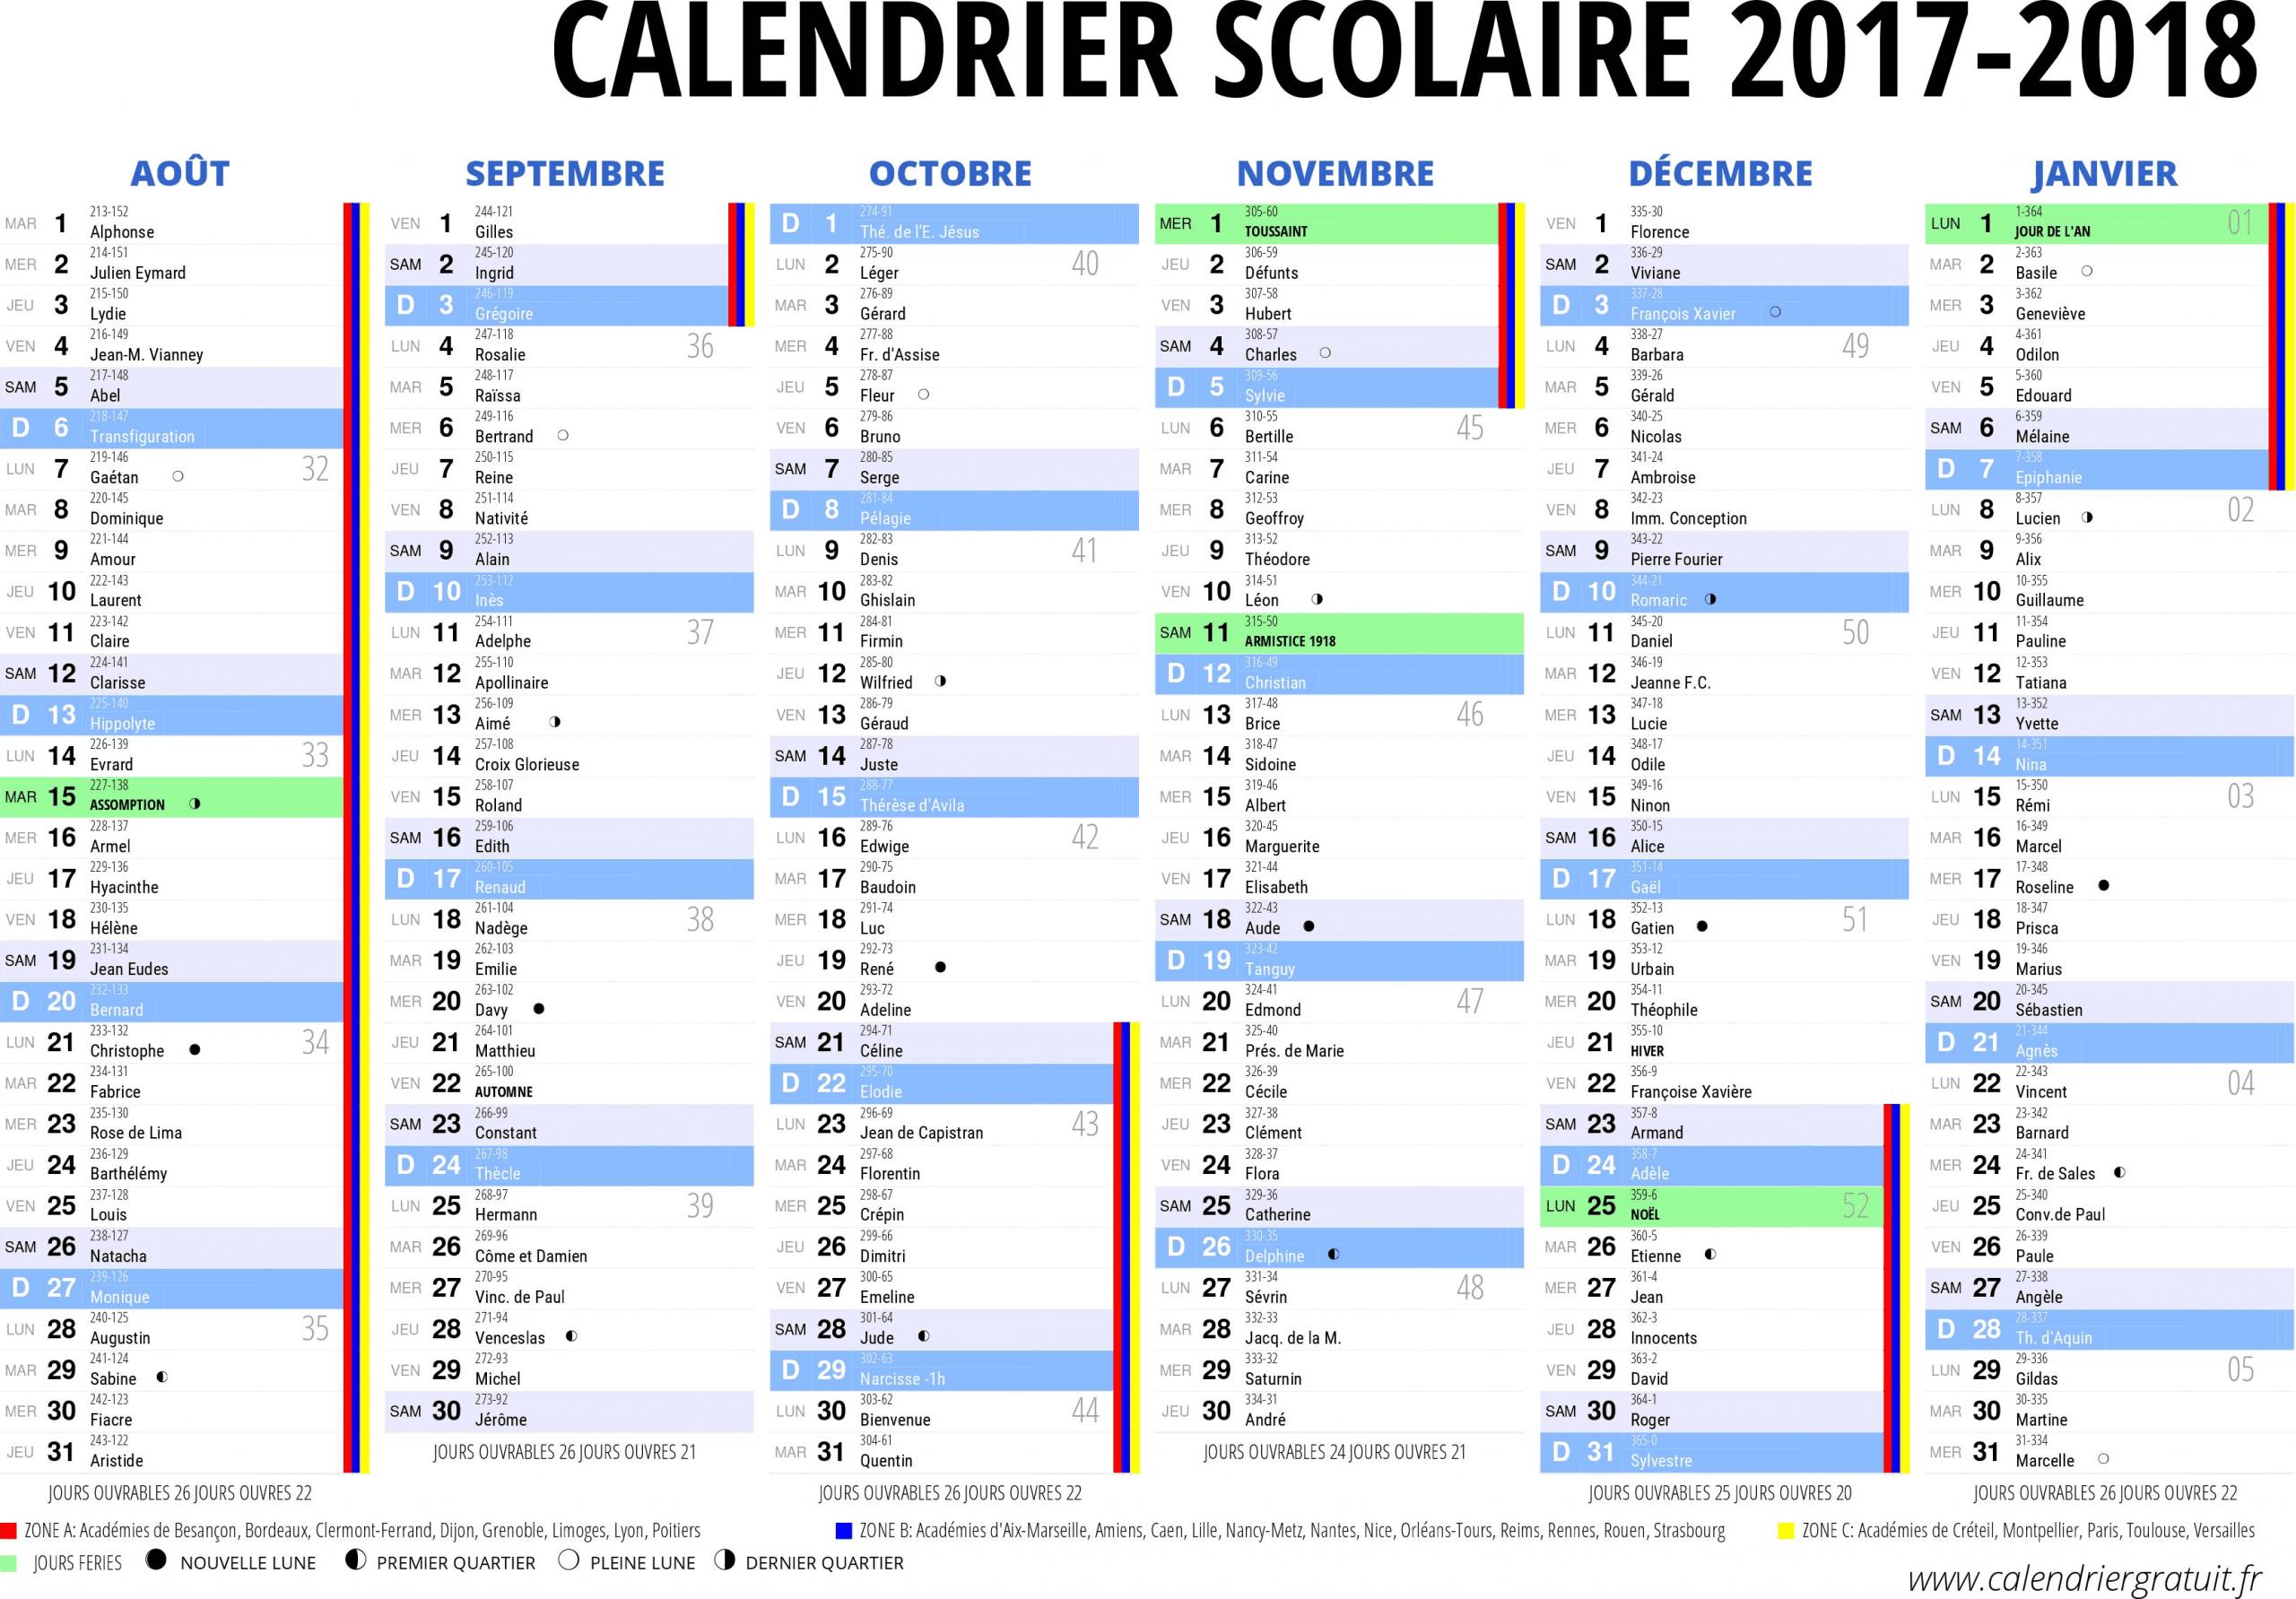 Calendrier #scolaire 2017 2018 A Imprimer - 1Er Semestre De intérieur Calendrier 2017 Imprimable